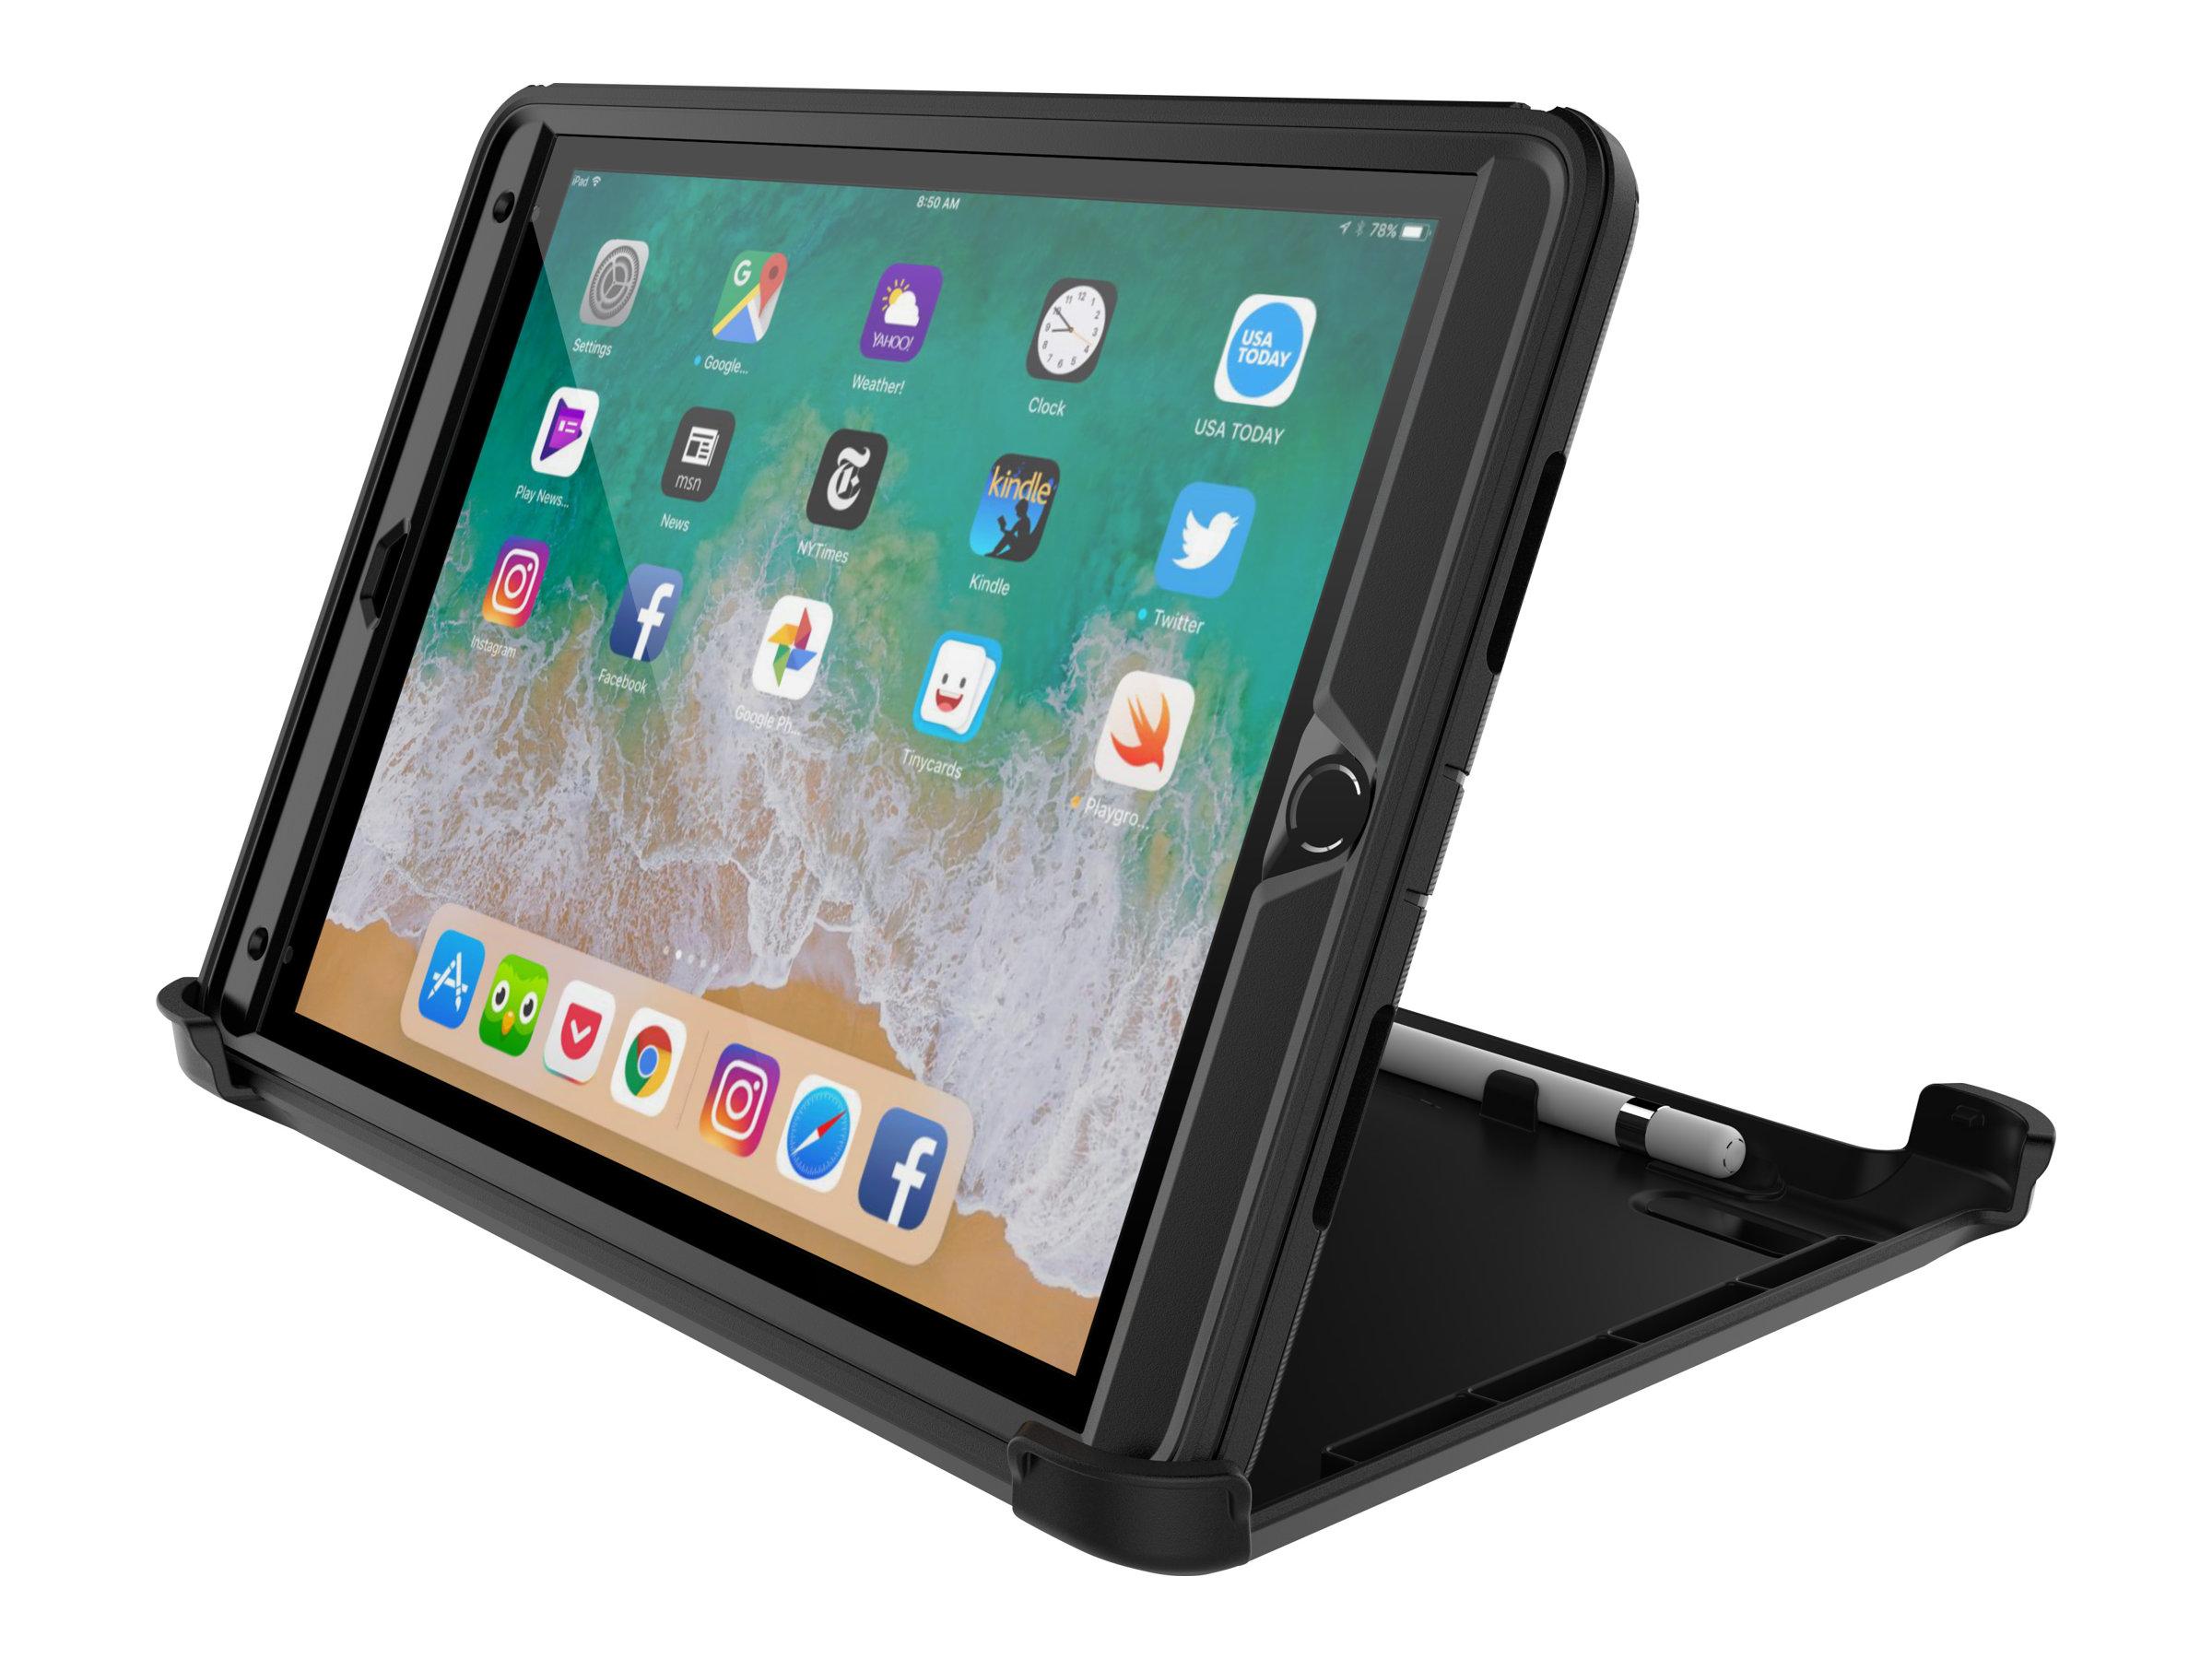 OtterBox Defender Series - Schutzhülle für Tablet - widerstandsfähig - Polyester, Polycarbonat, Kunstfaser - Schwarz - 10.5